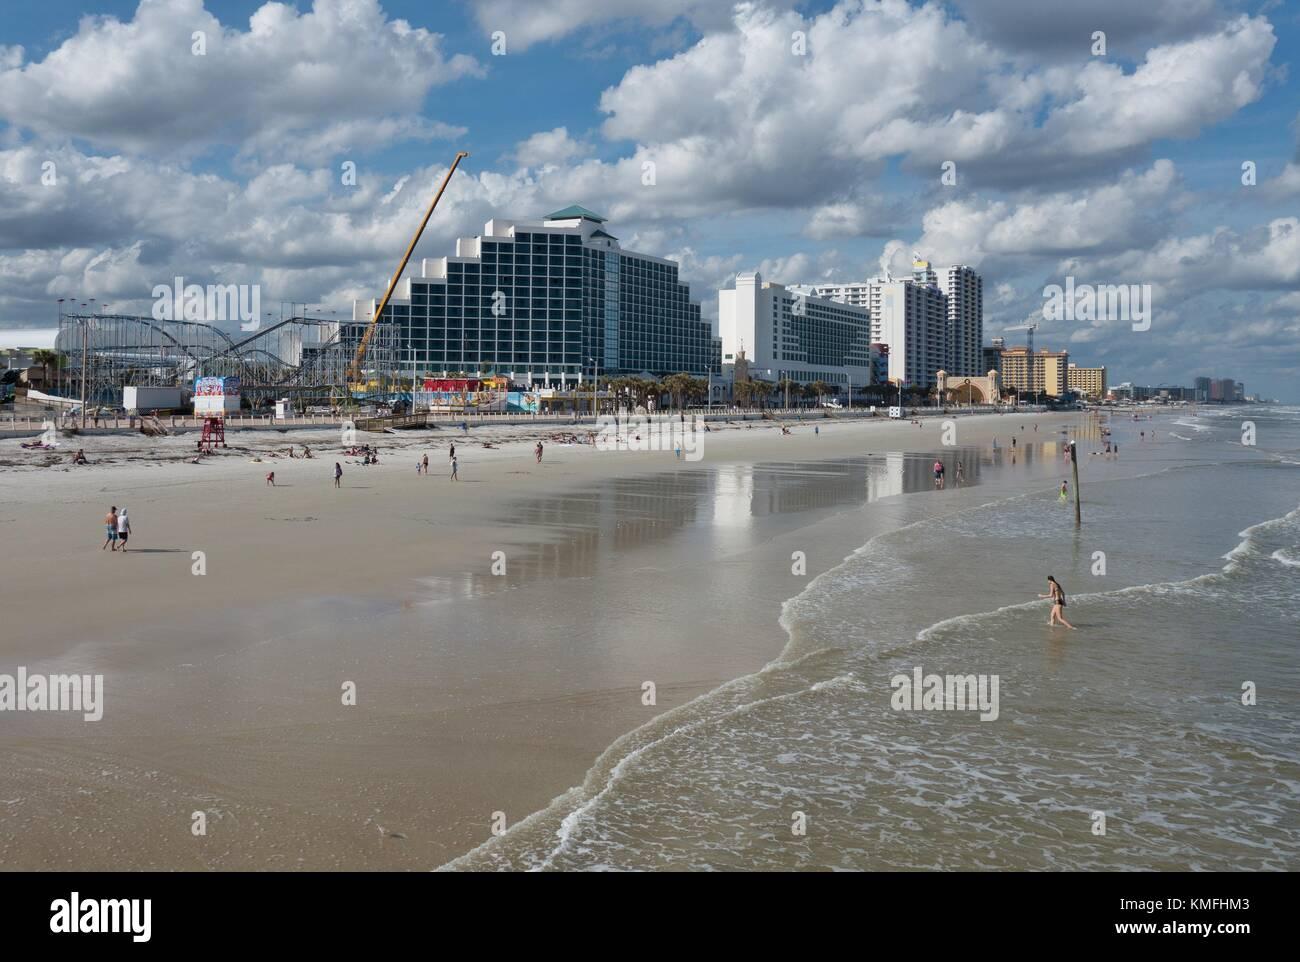 Daytona beach pier florida stock photos daytona beach for Daytona beach fishing pier